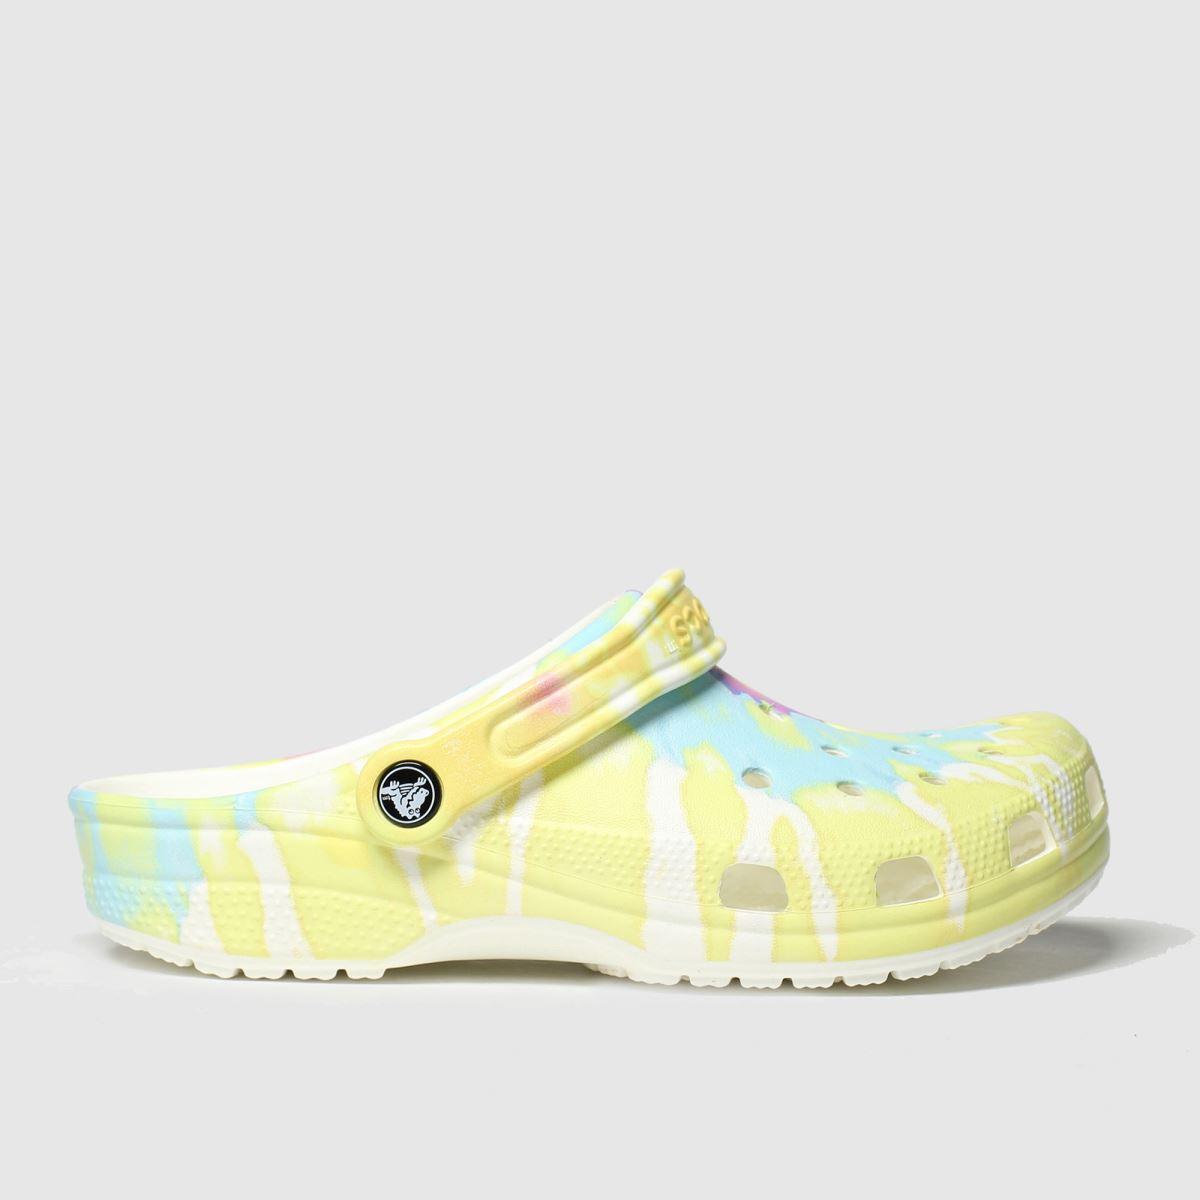 Crocs Crocs White & Yellow Classic Clog Sandals